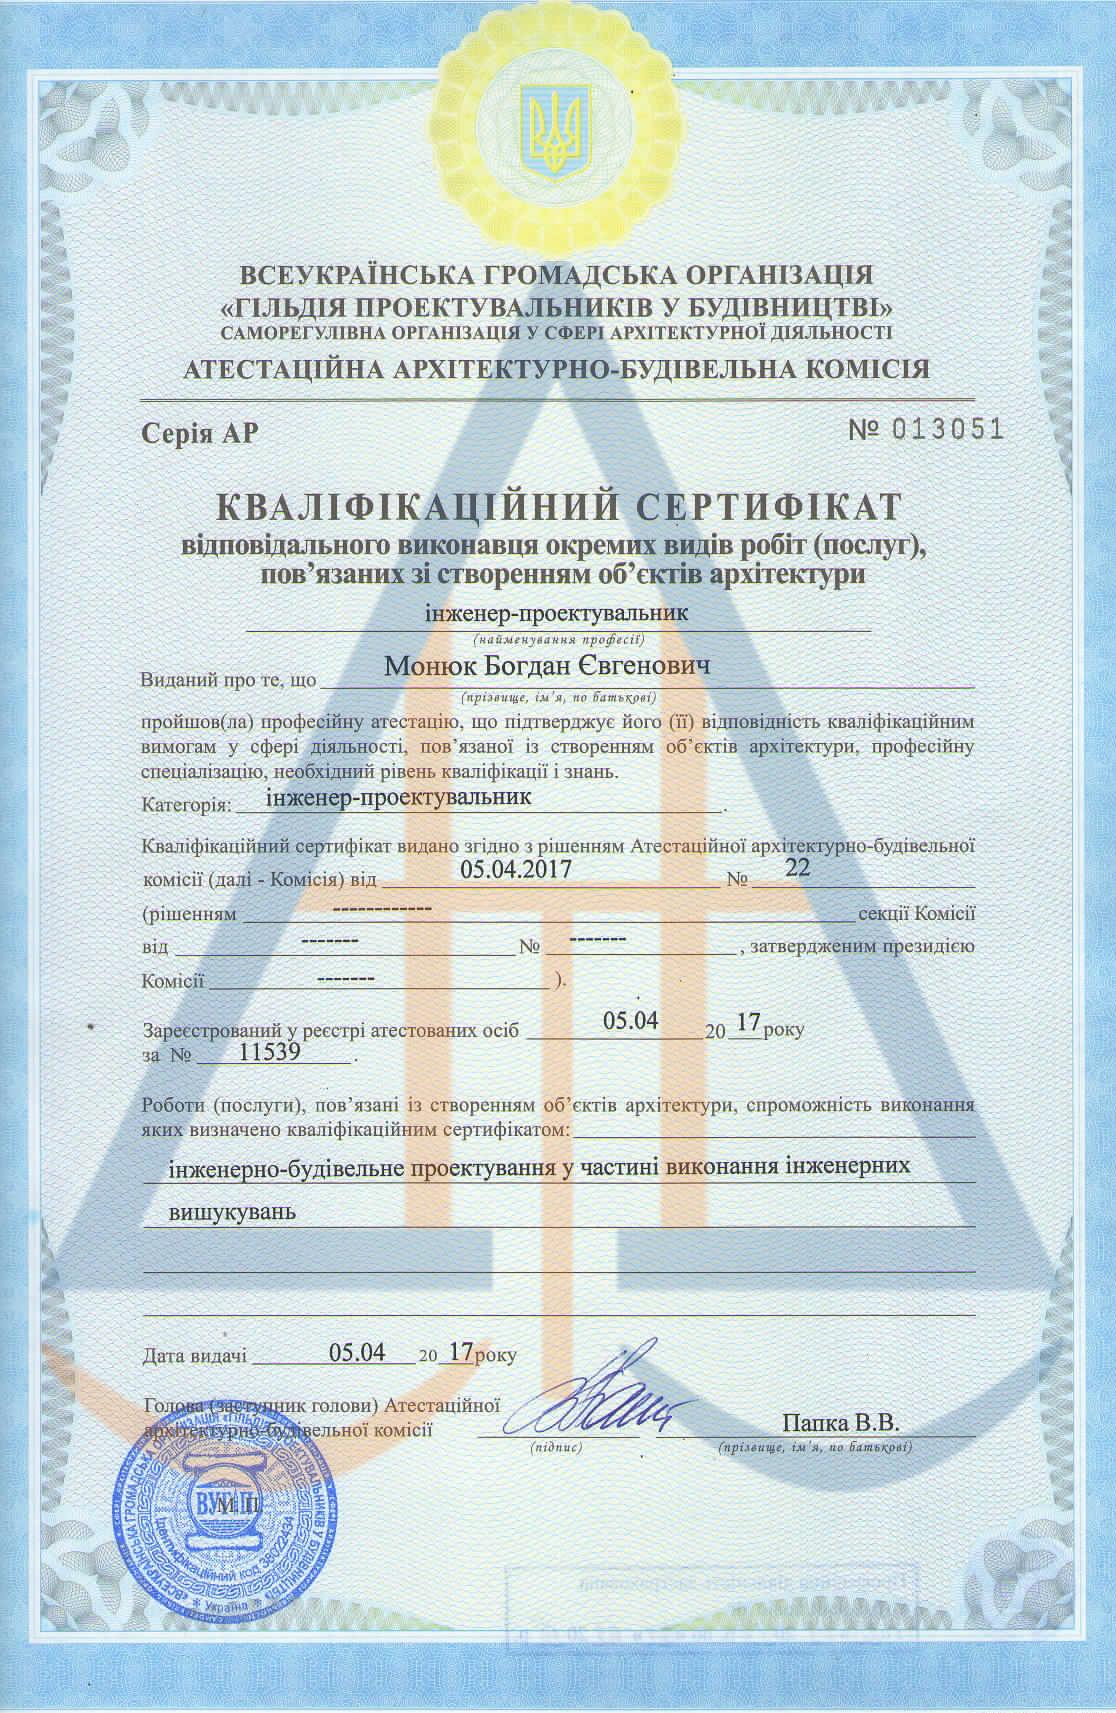 Сертифікат 9 Монюк Б.Є. інженер-проектувальник